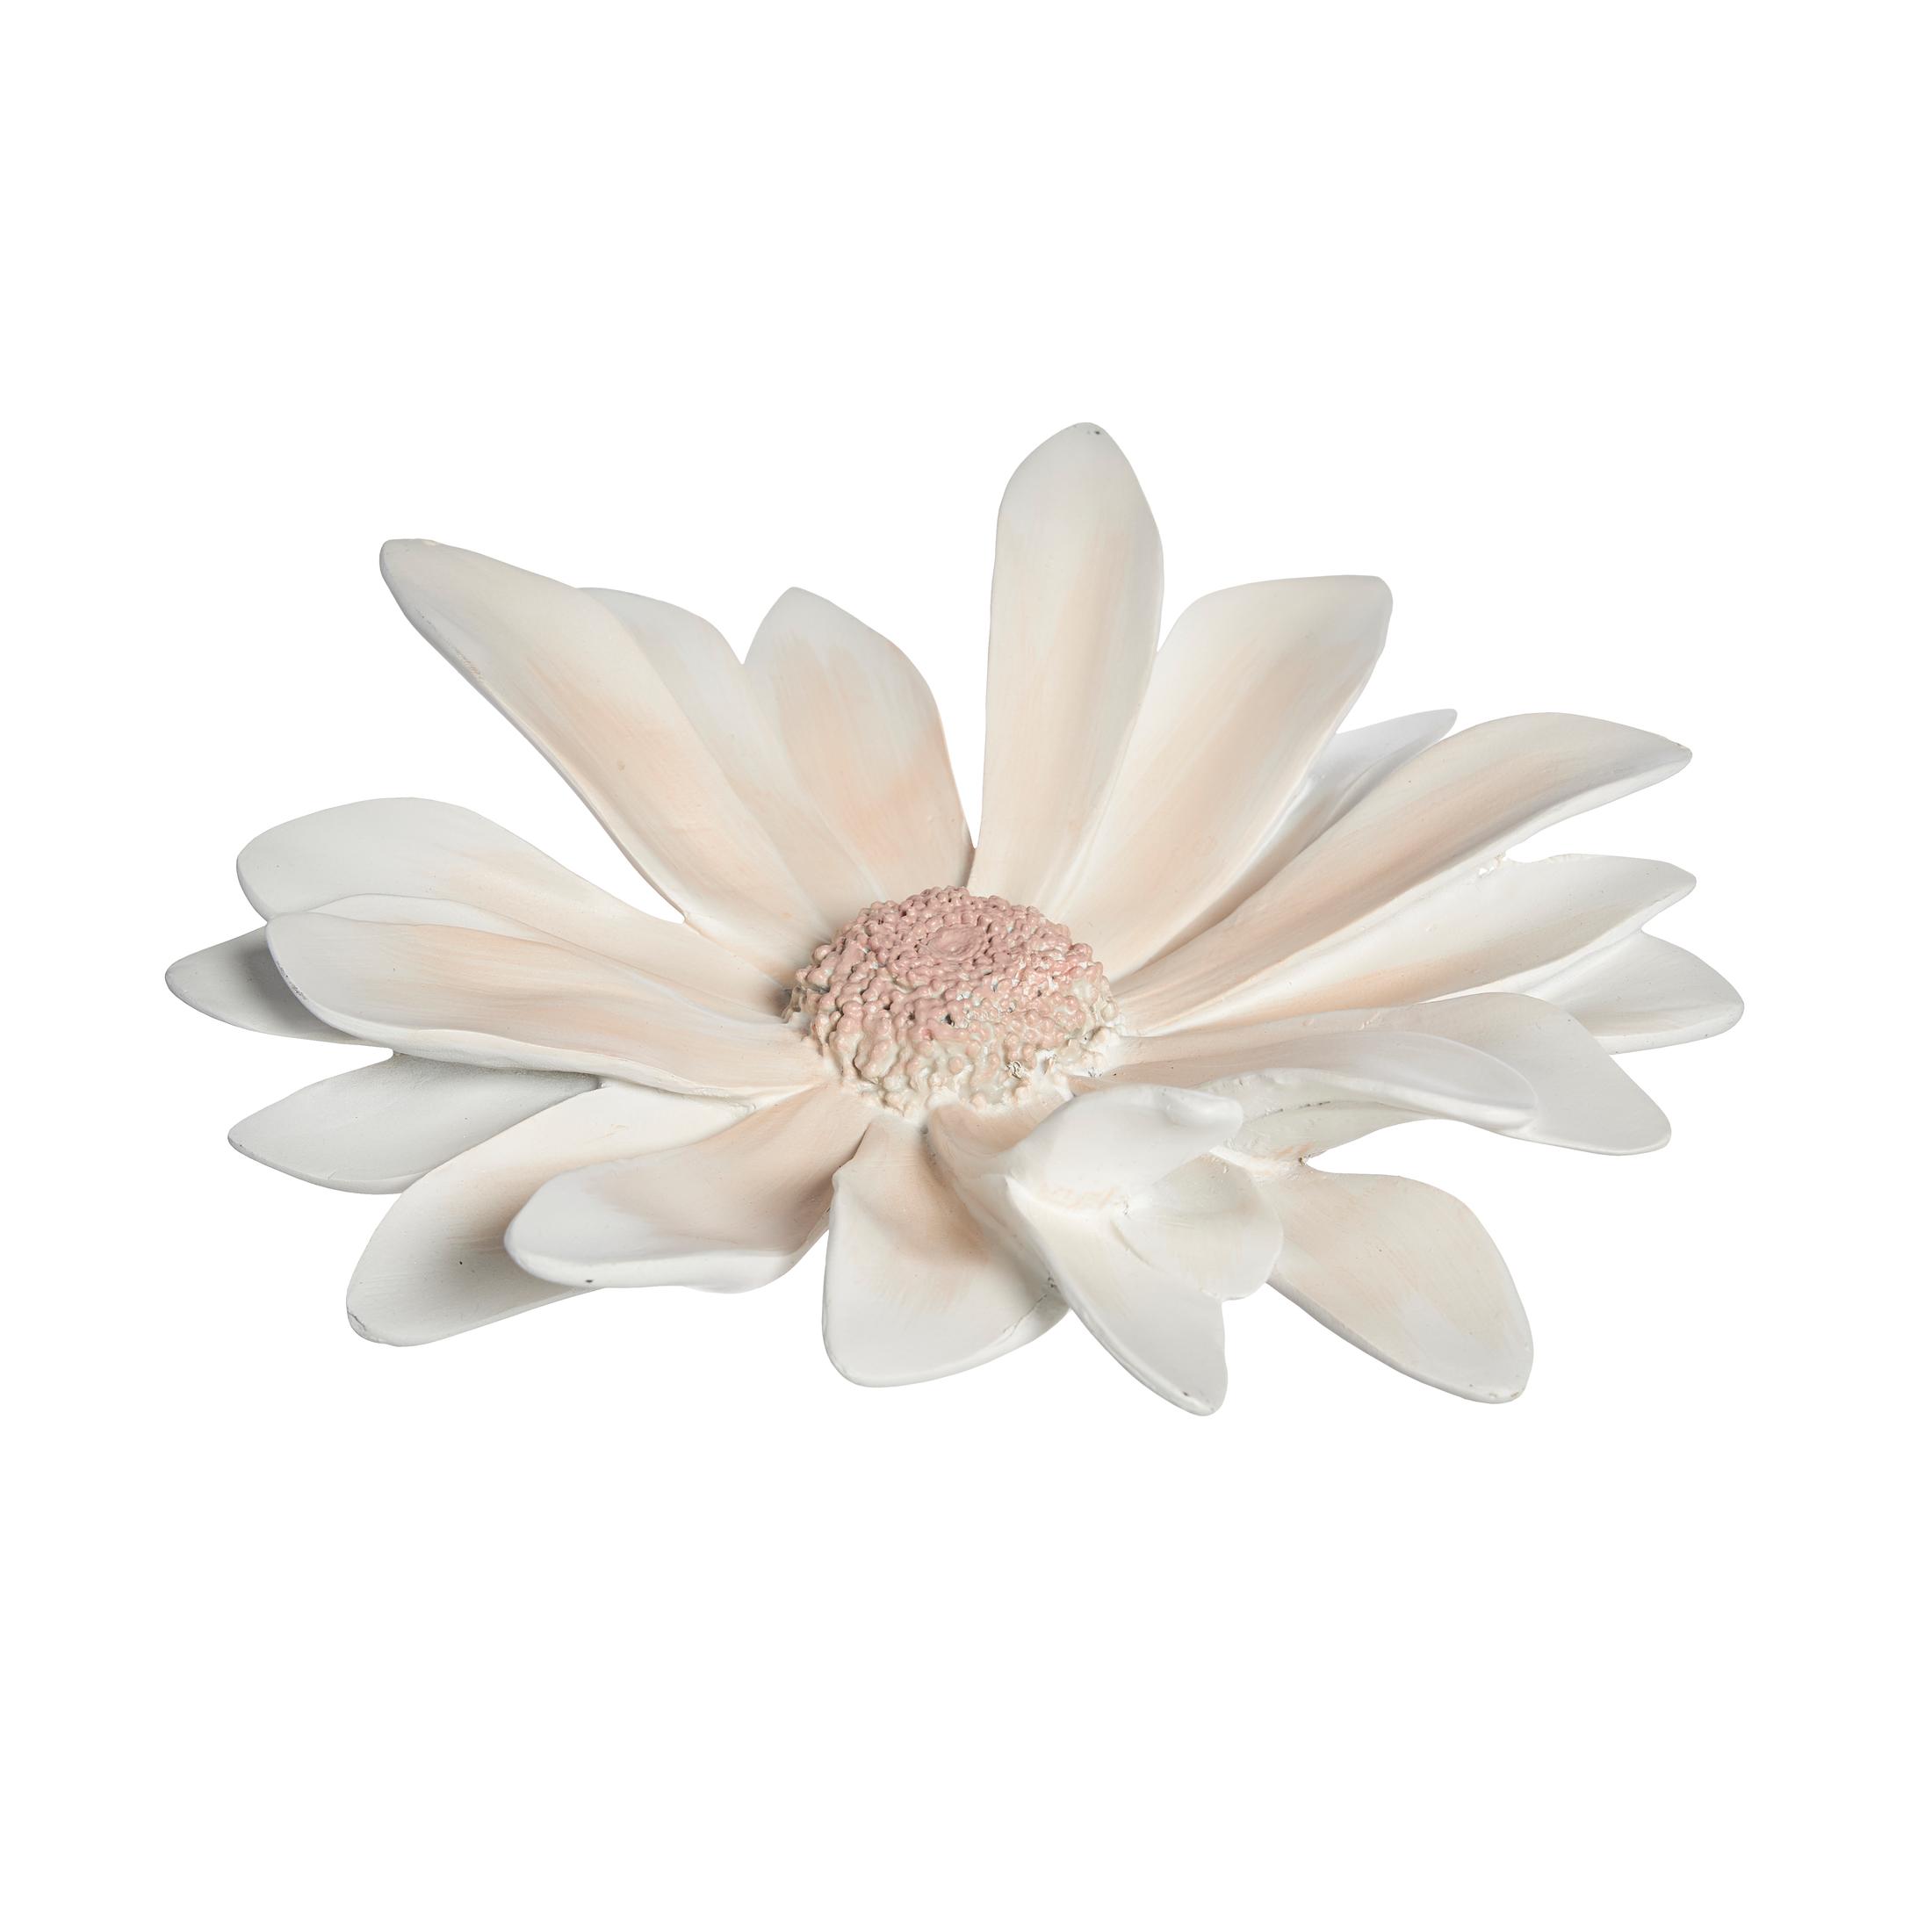 Produktbild på Väggdekoration Daisy